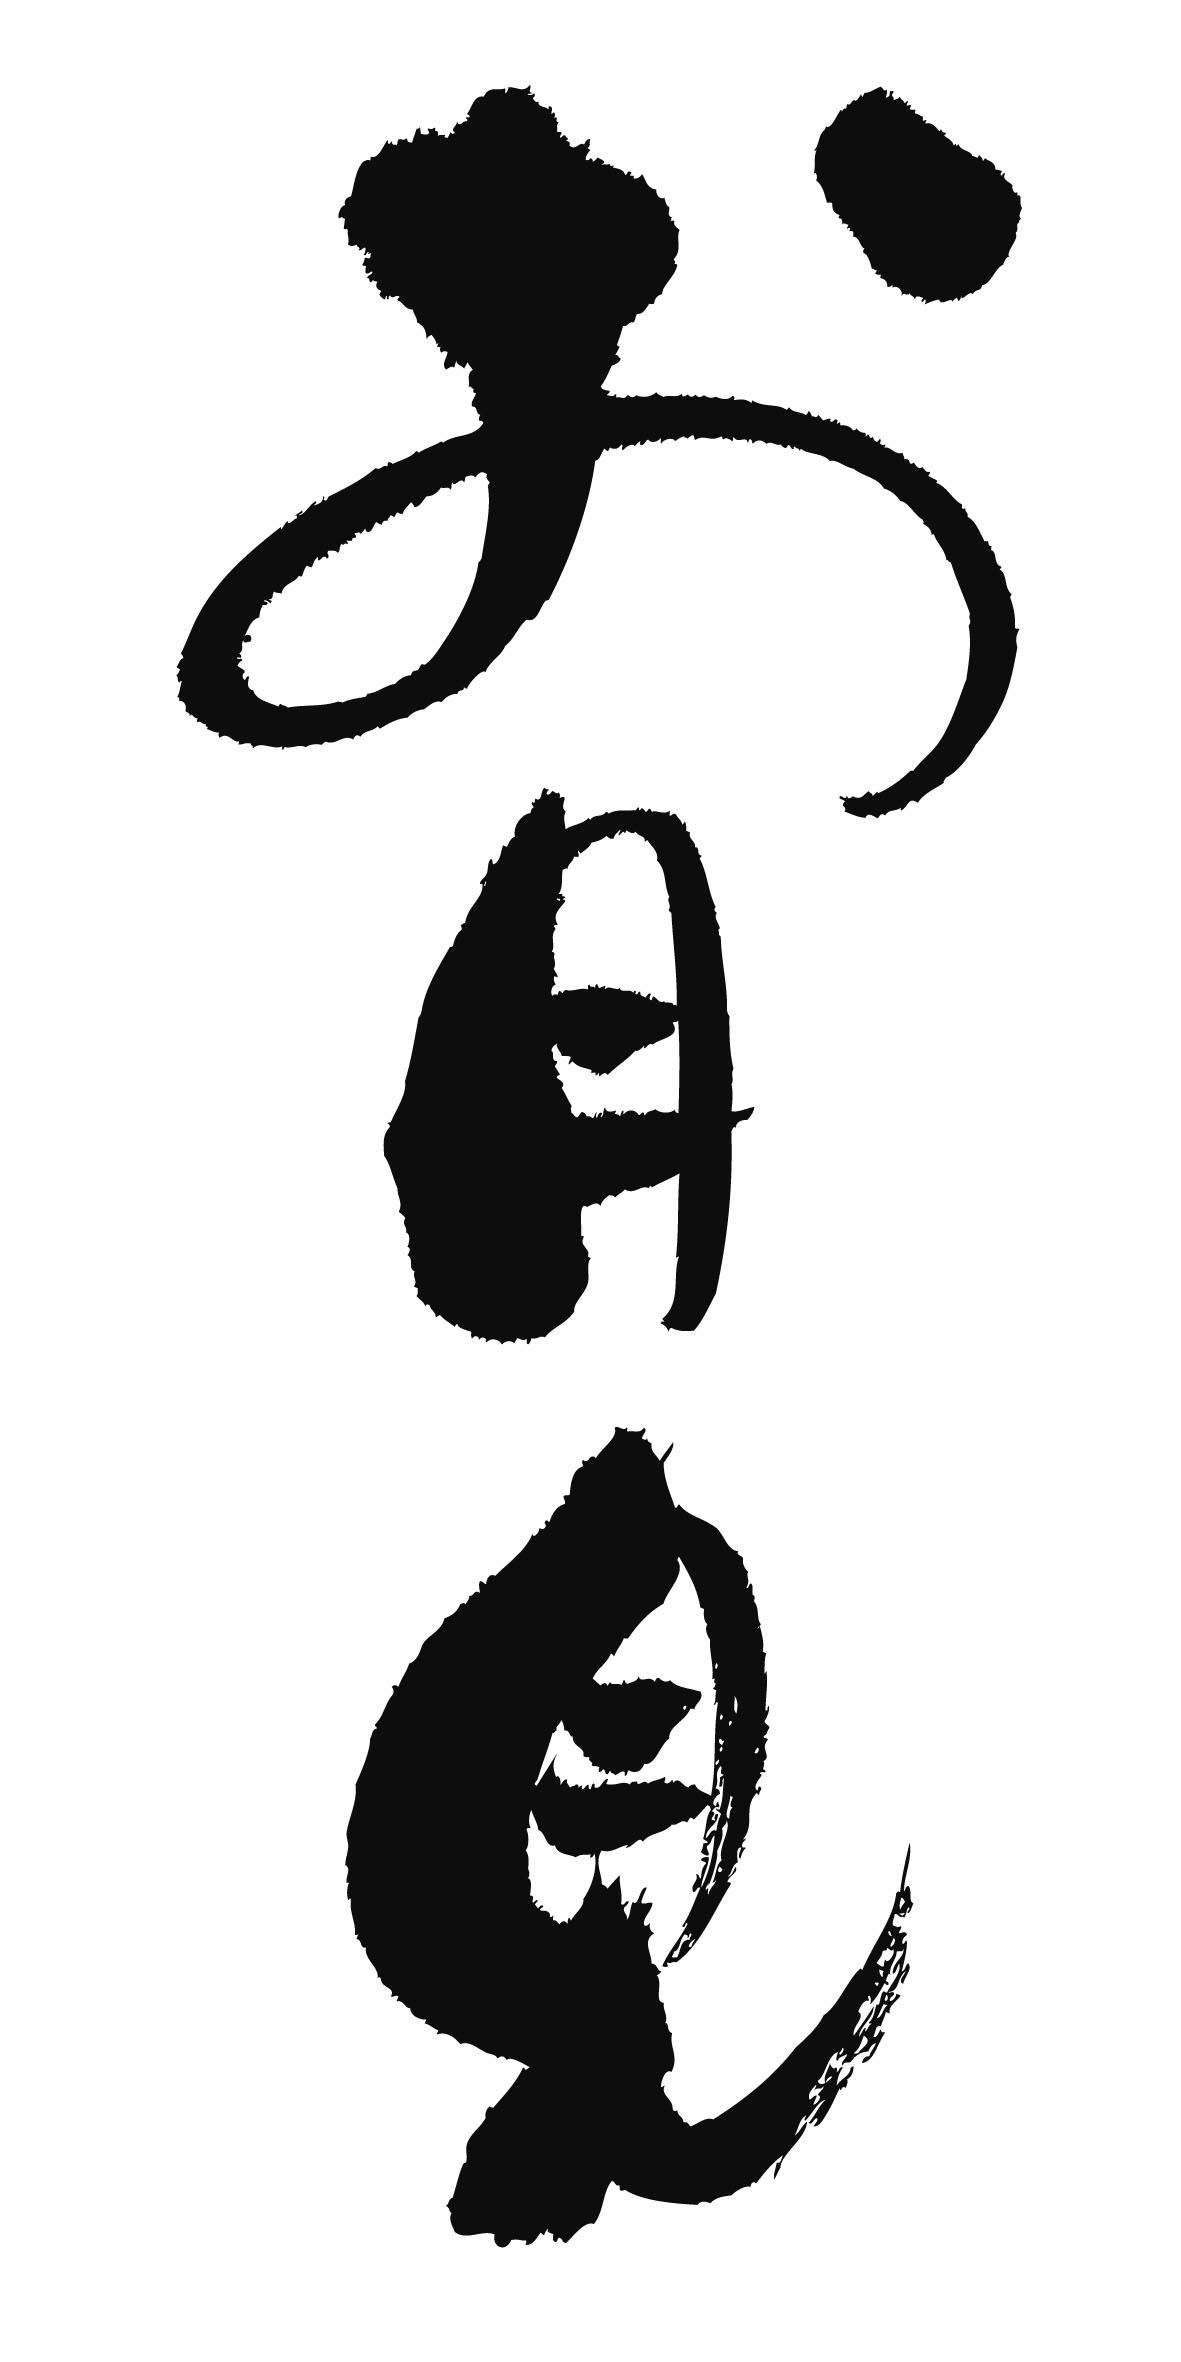 http://shinko-pk.co.jp/blog/otukimi.jpg